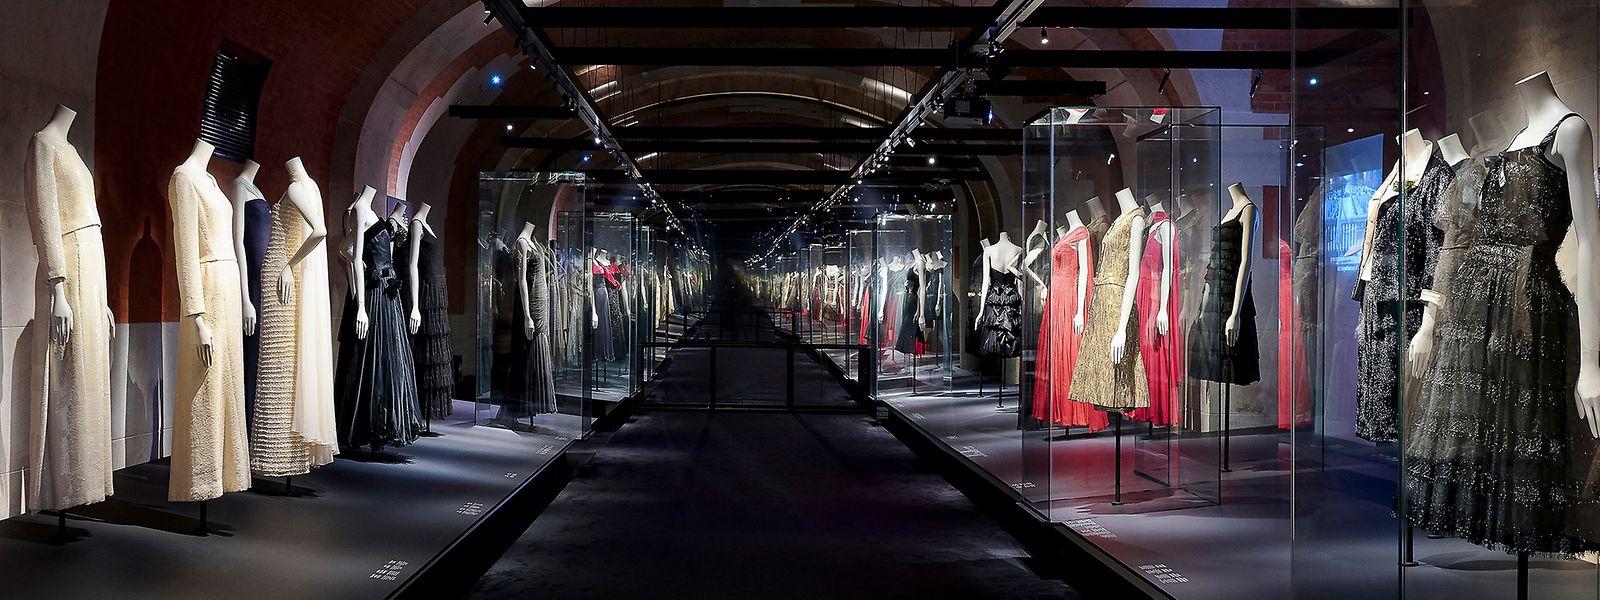 Das Vermächtnis einer Stilikone und Querdenkerin: Die Entwürfe von Gabrielle Chanel waren für ihre Zeit revolutionär.